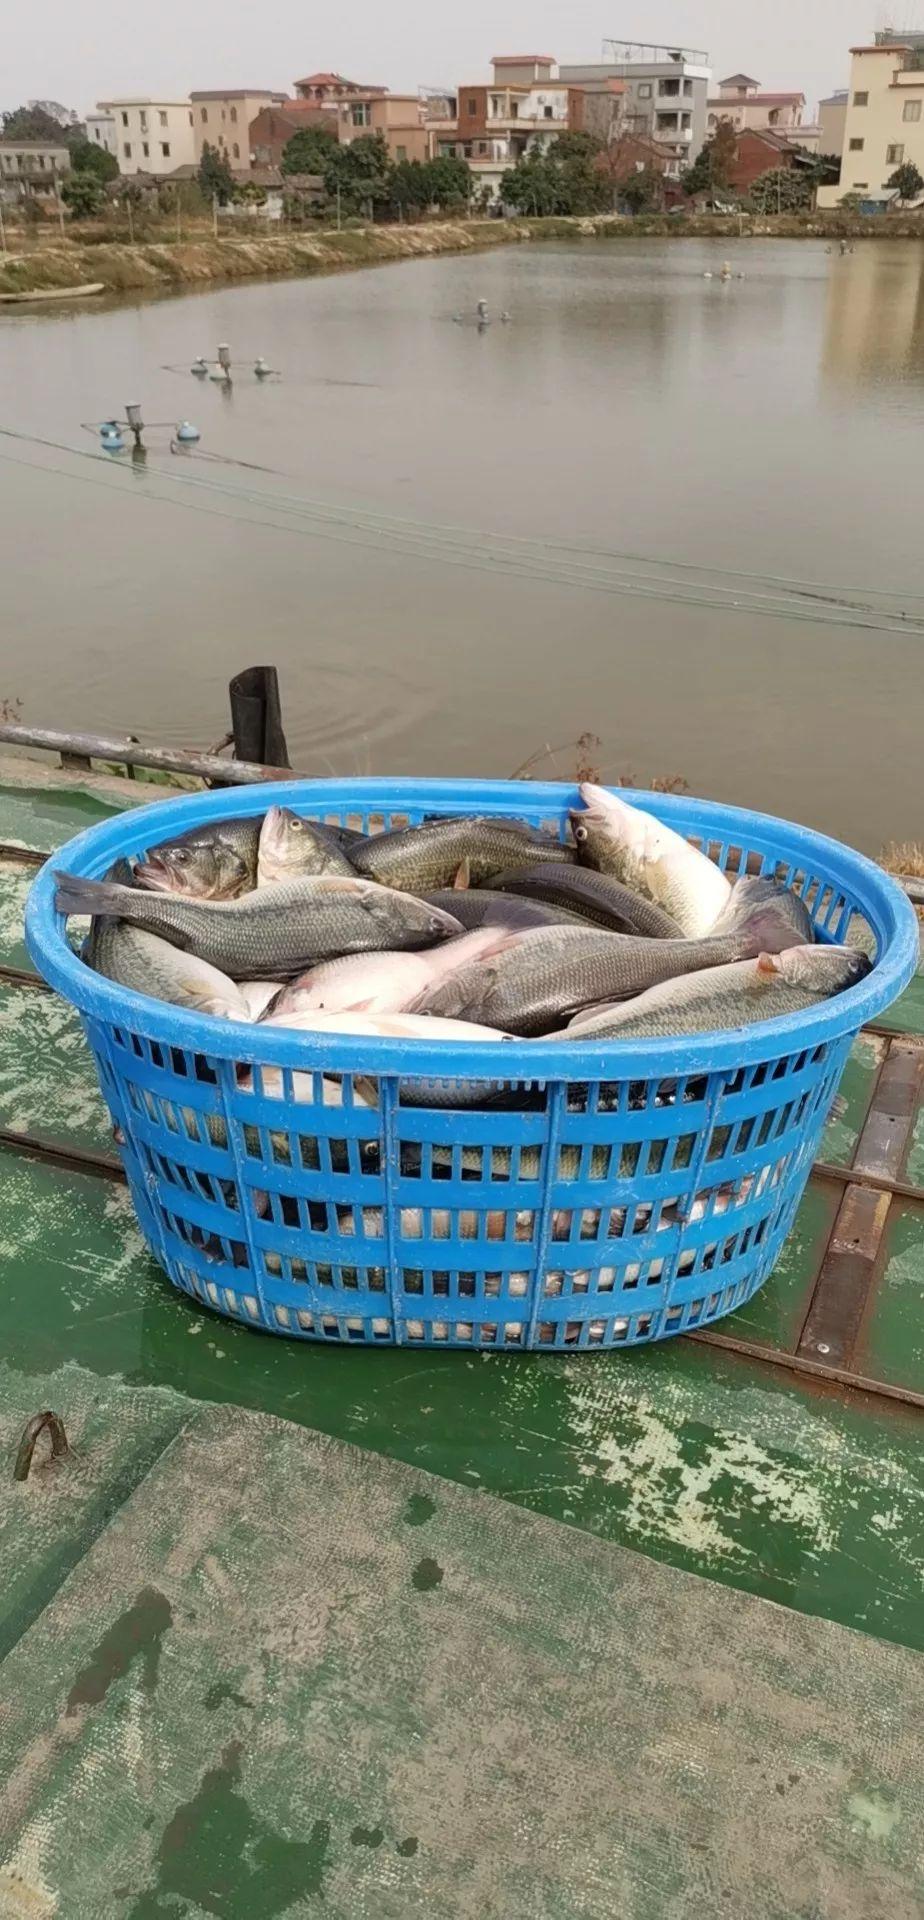 这条高价鱼出事了?!刚抓的一车鱼上车后狂吐暴毙3500斤!流通商急了